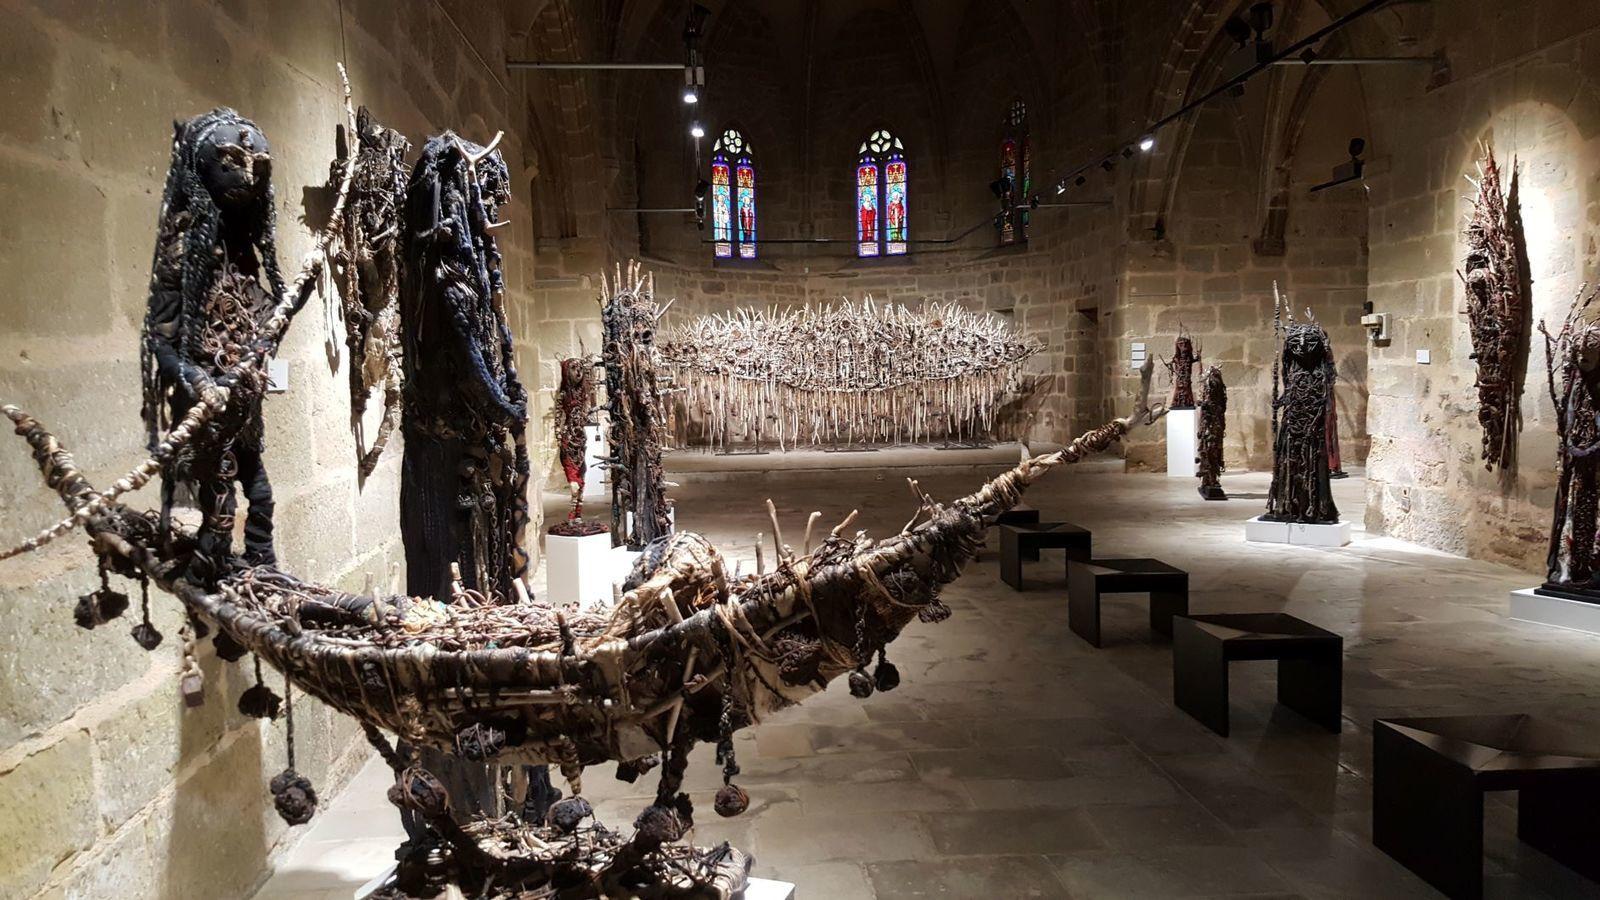 Exposition à la Chapelle Saint Libéral, Brive-la-Gaillarde, octobre 2019 à janvier 2020 - Photographies© Ghyslaine et Sylvain Staëlens